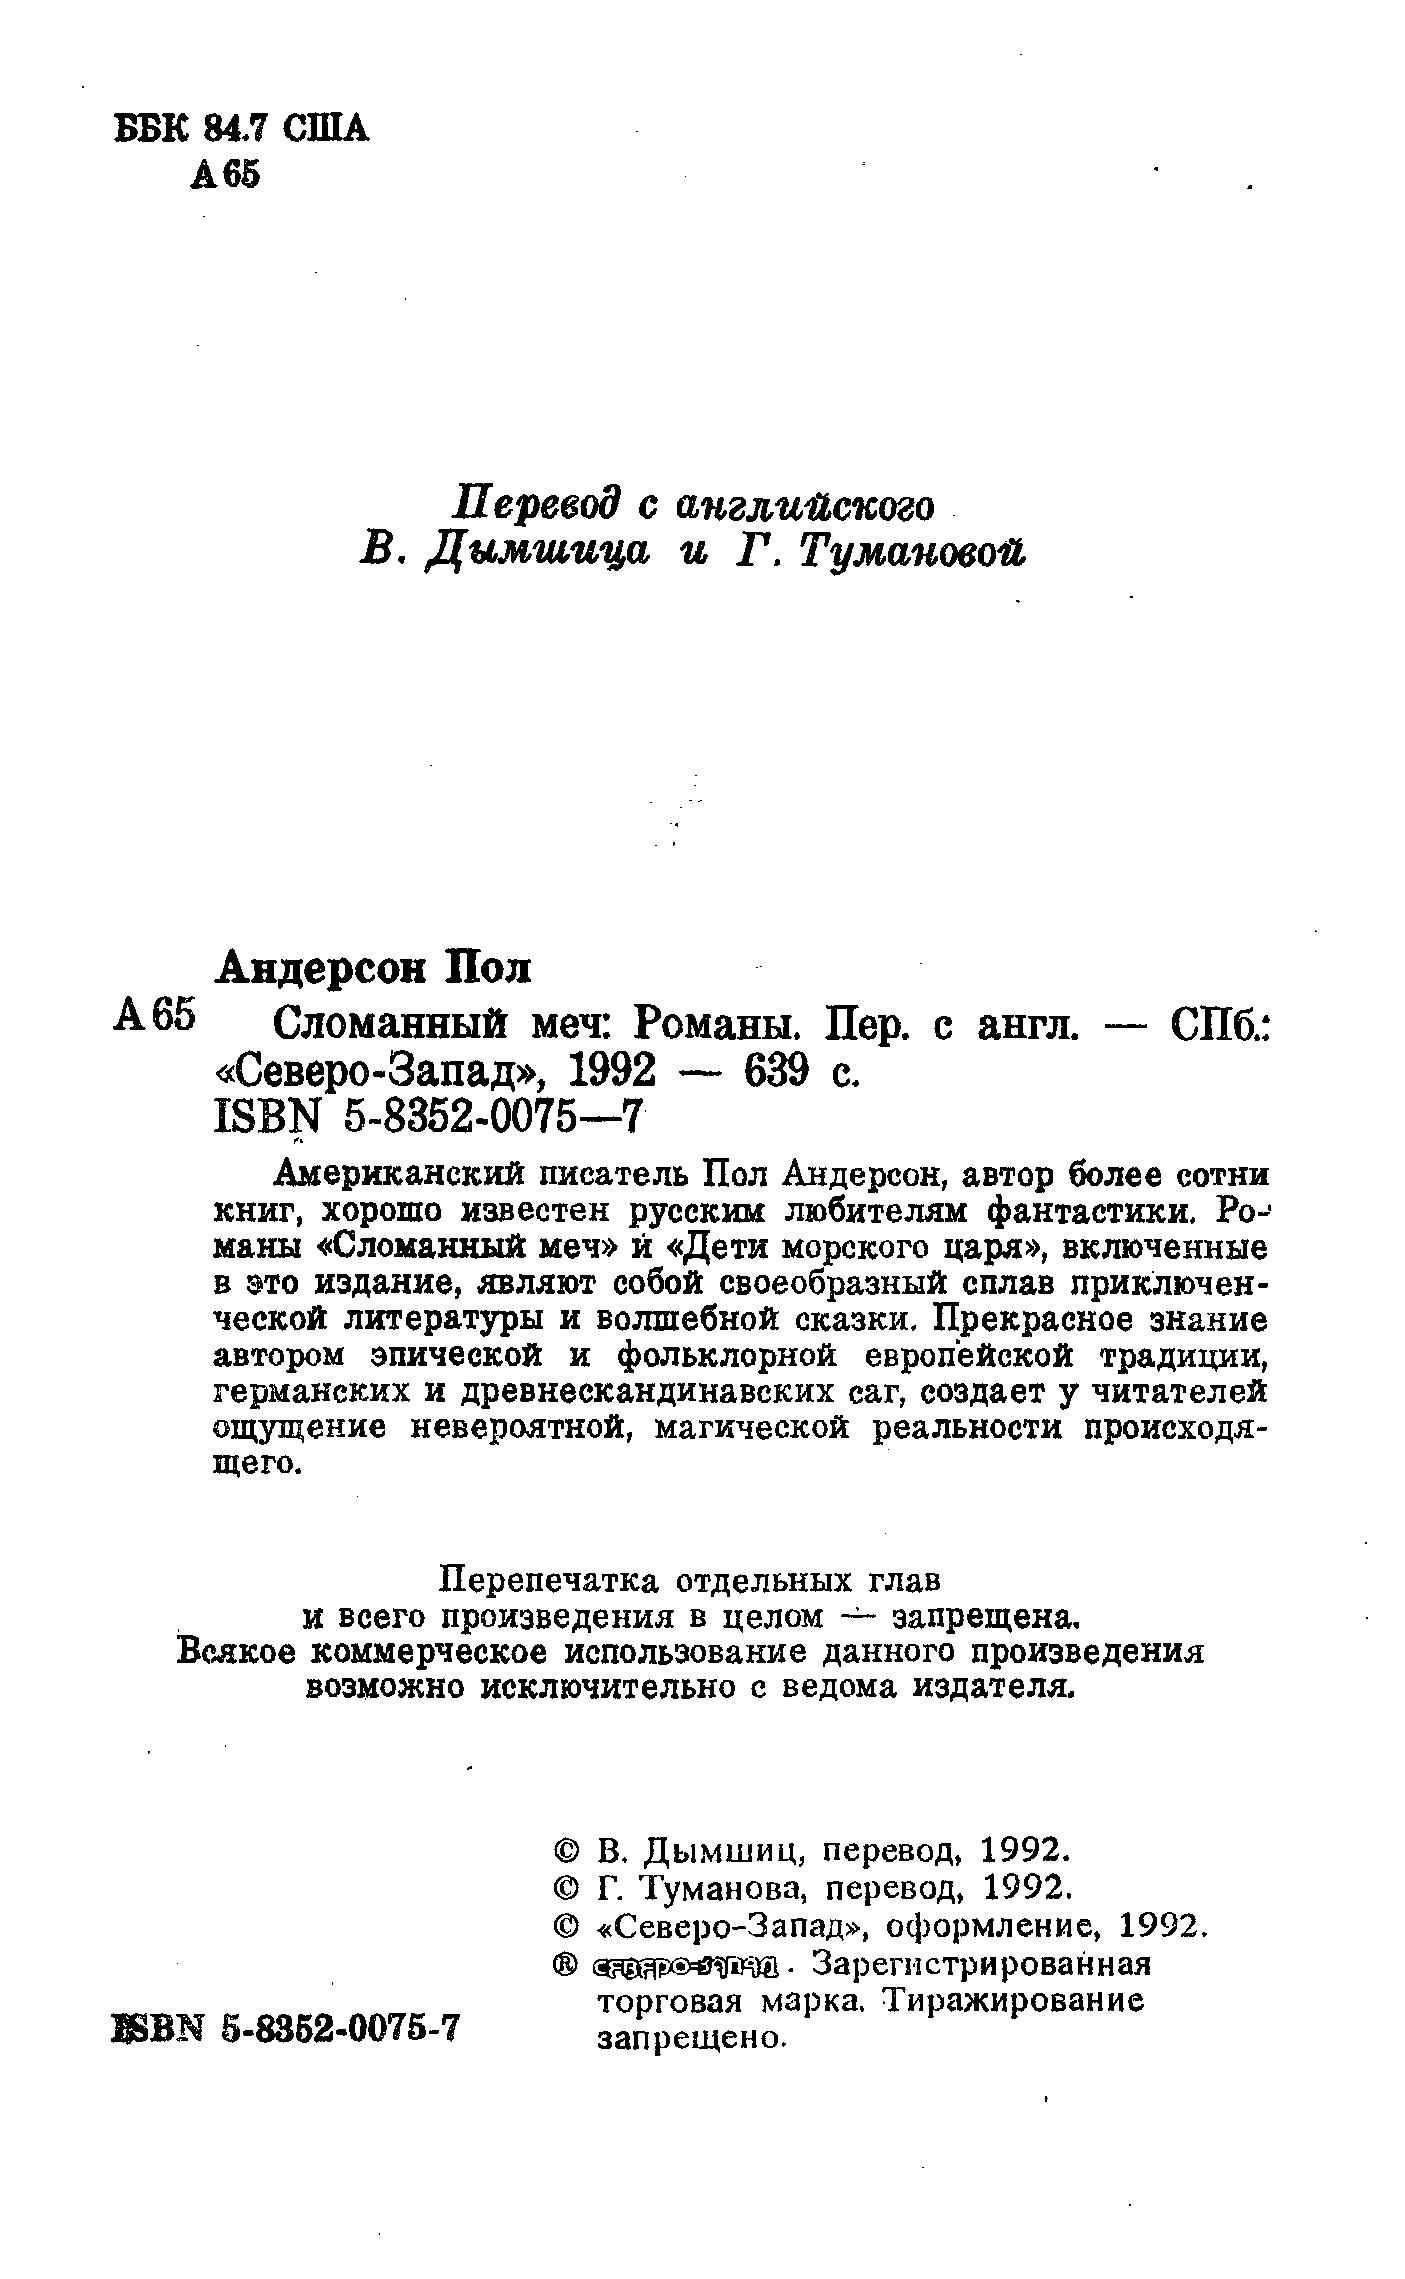 Выходные данные издания «Сломанный меч» — Пол АНДЕРСОН, 1992, Северо-Запад